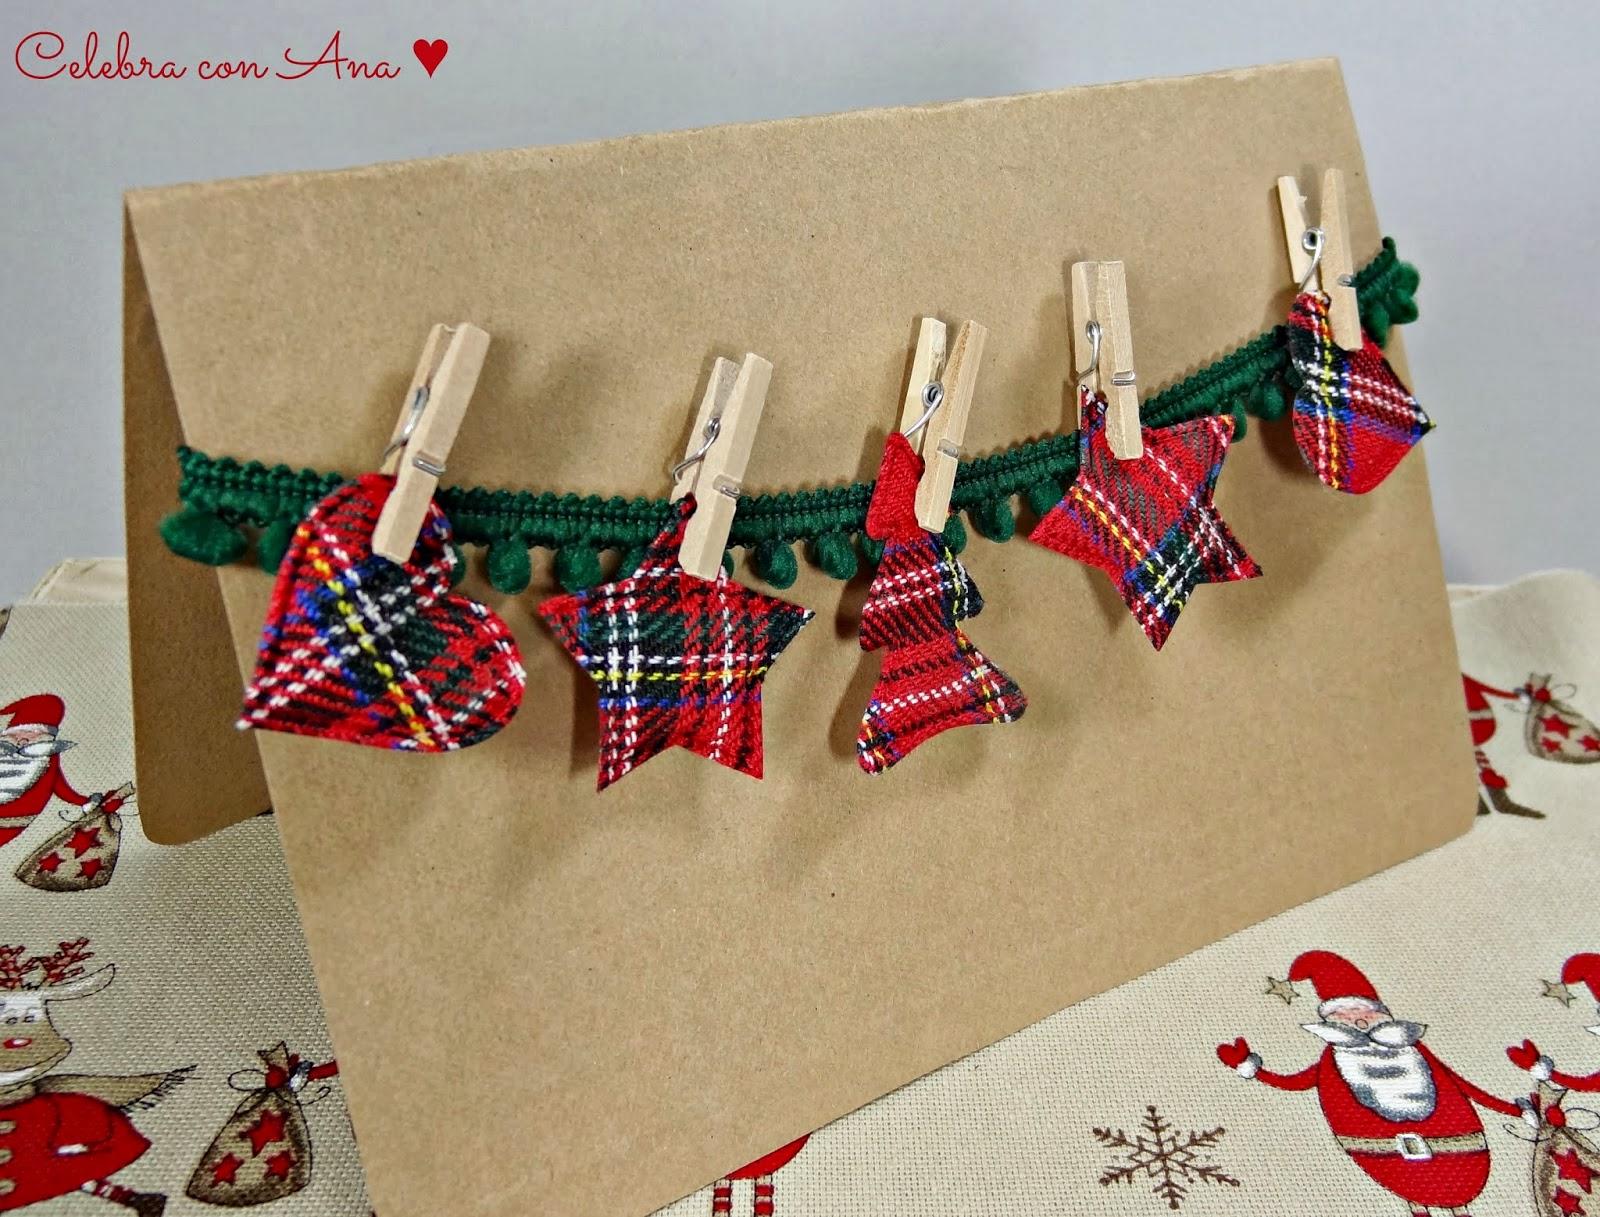 Celebra con ana compartiendo experiencias creativas - Tarjeta navidad original ...